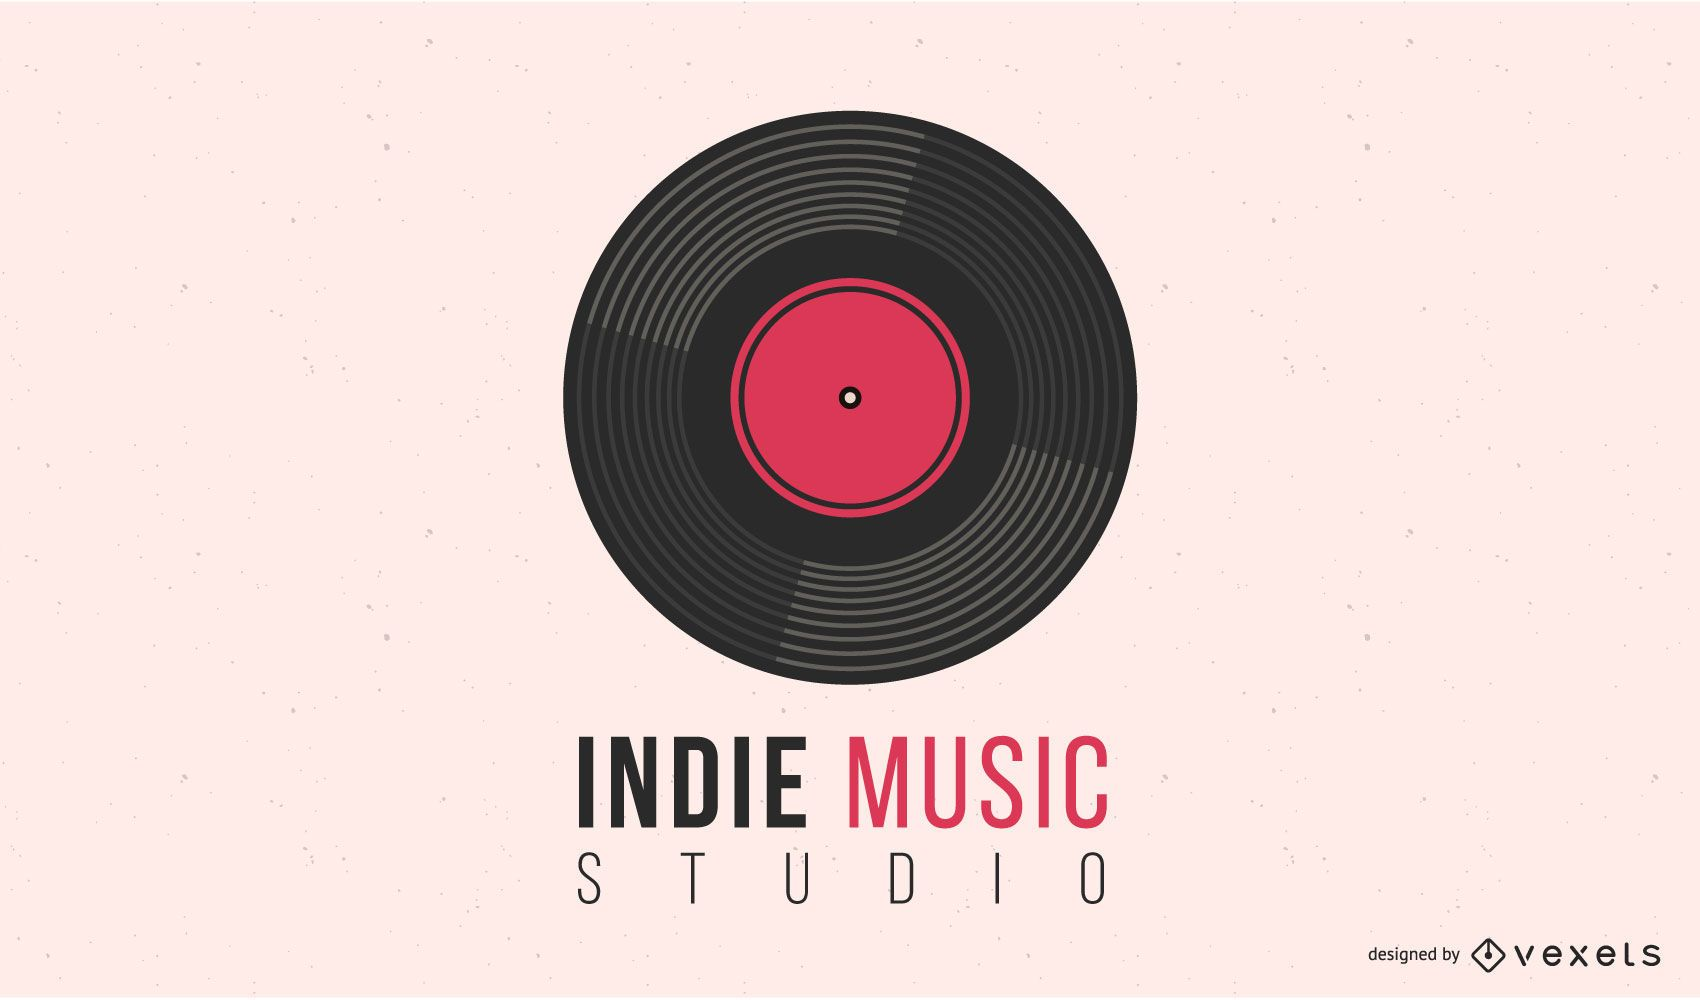 Diseño de logotipo de disco de vinilo de música indie